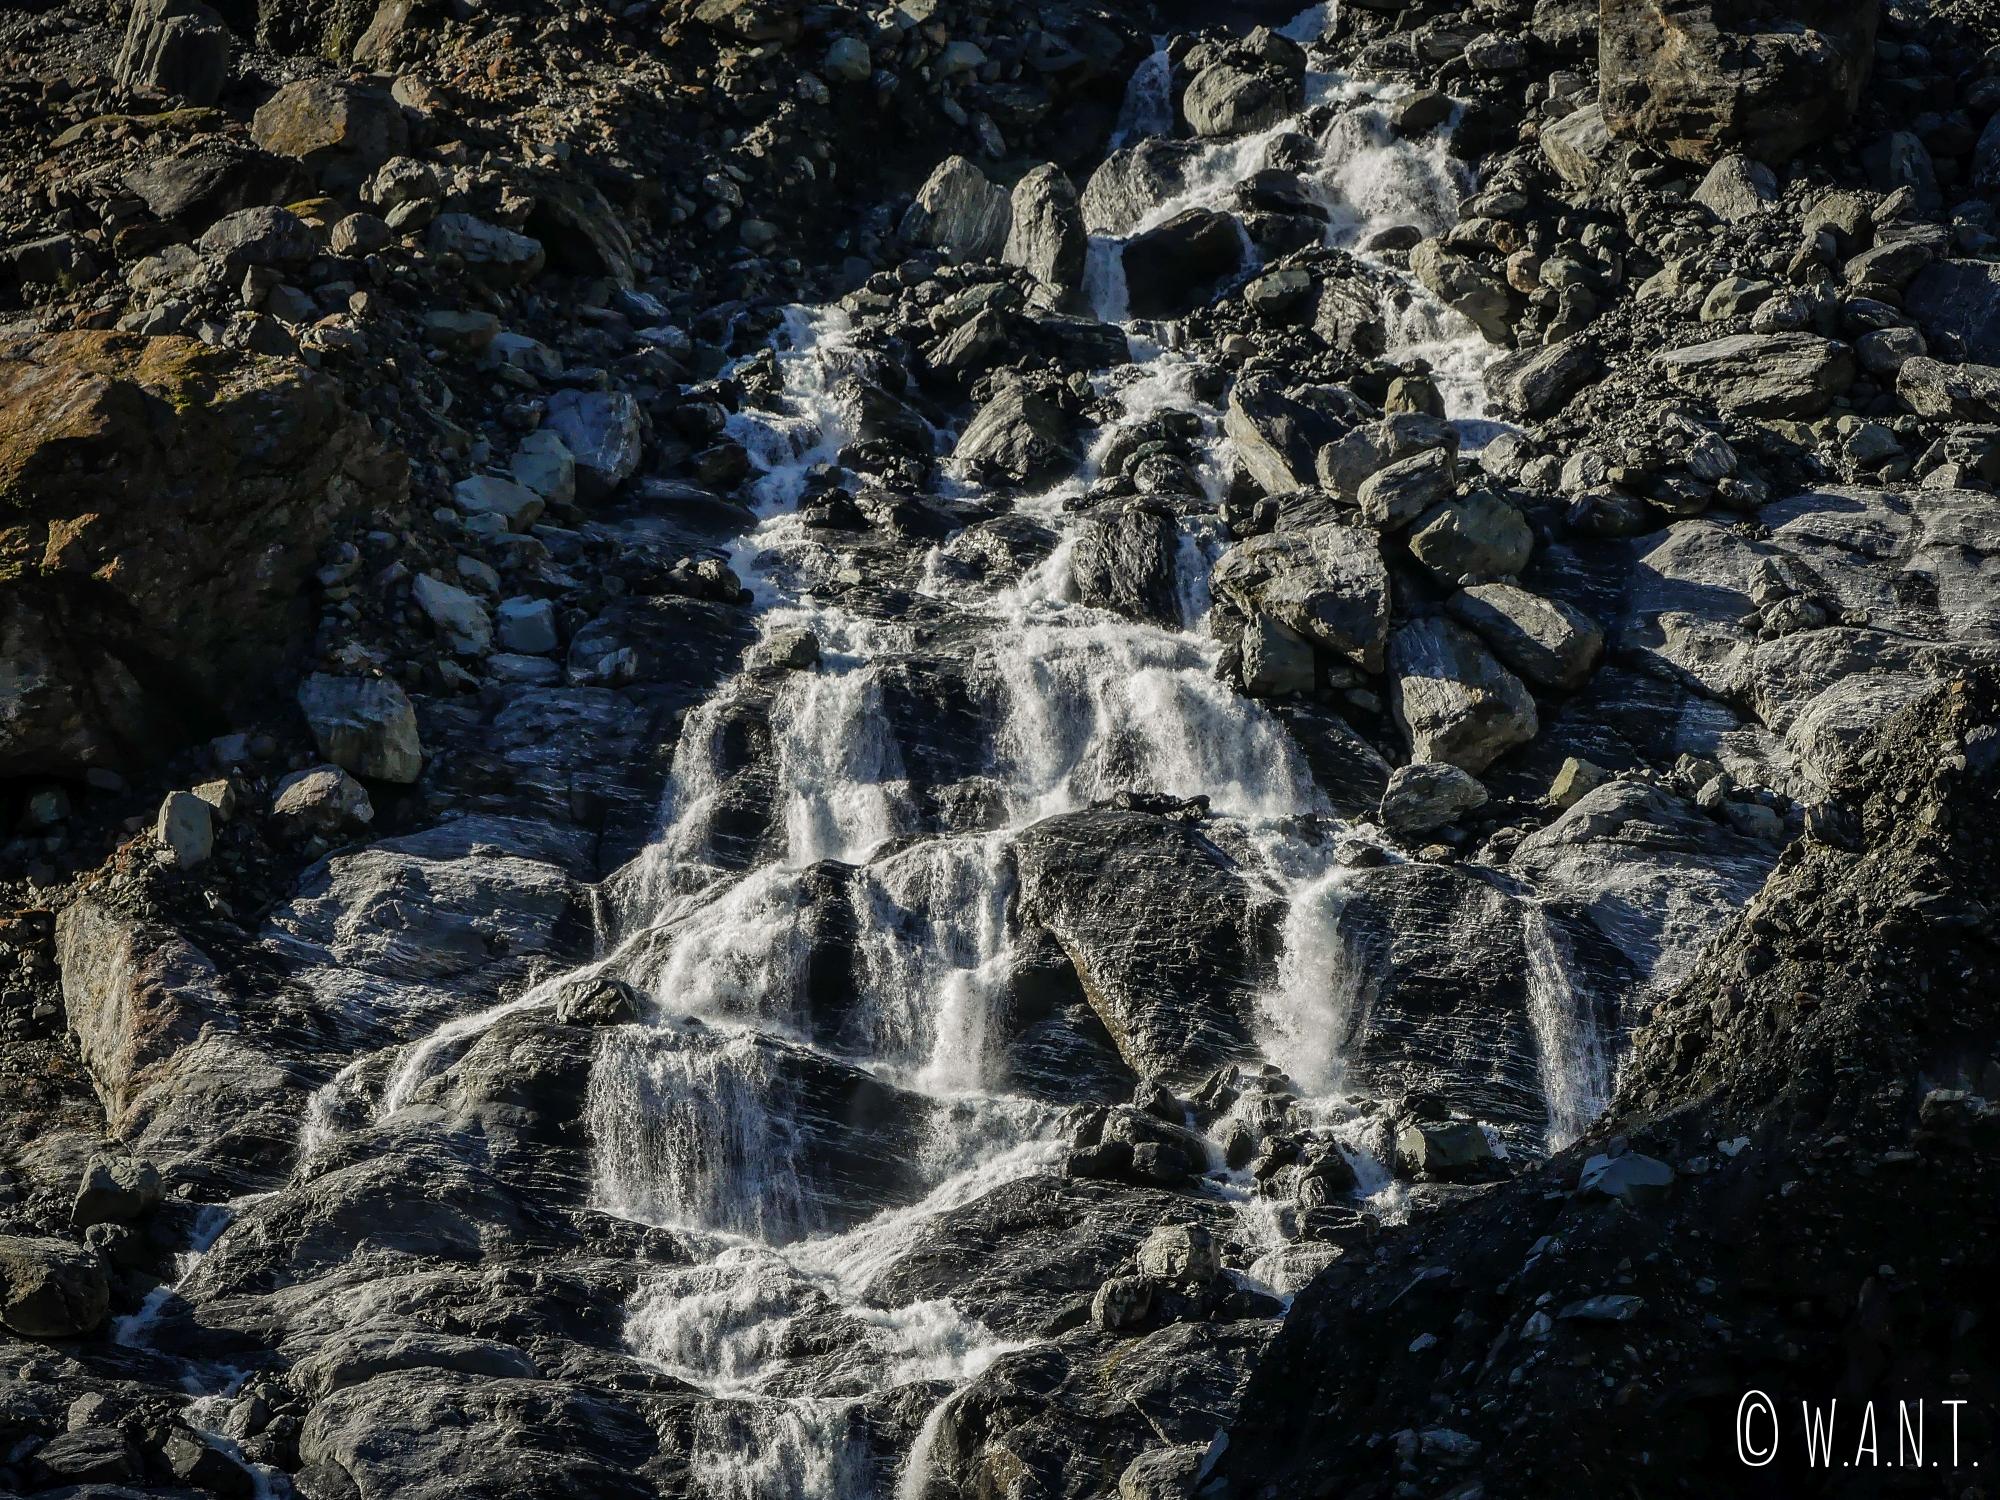 Cours d'eau traversé durant la randonnée menant au Fox Glacier en Nouvelle-Zélande